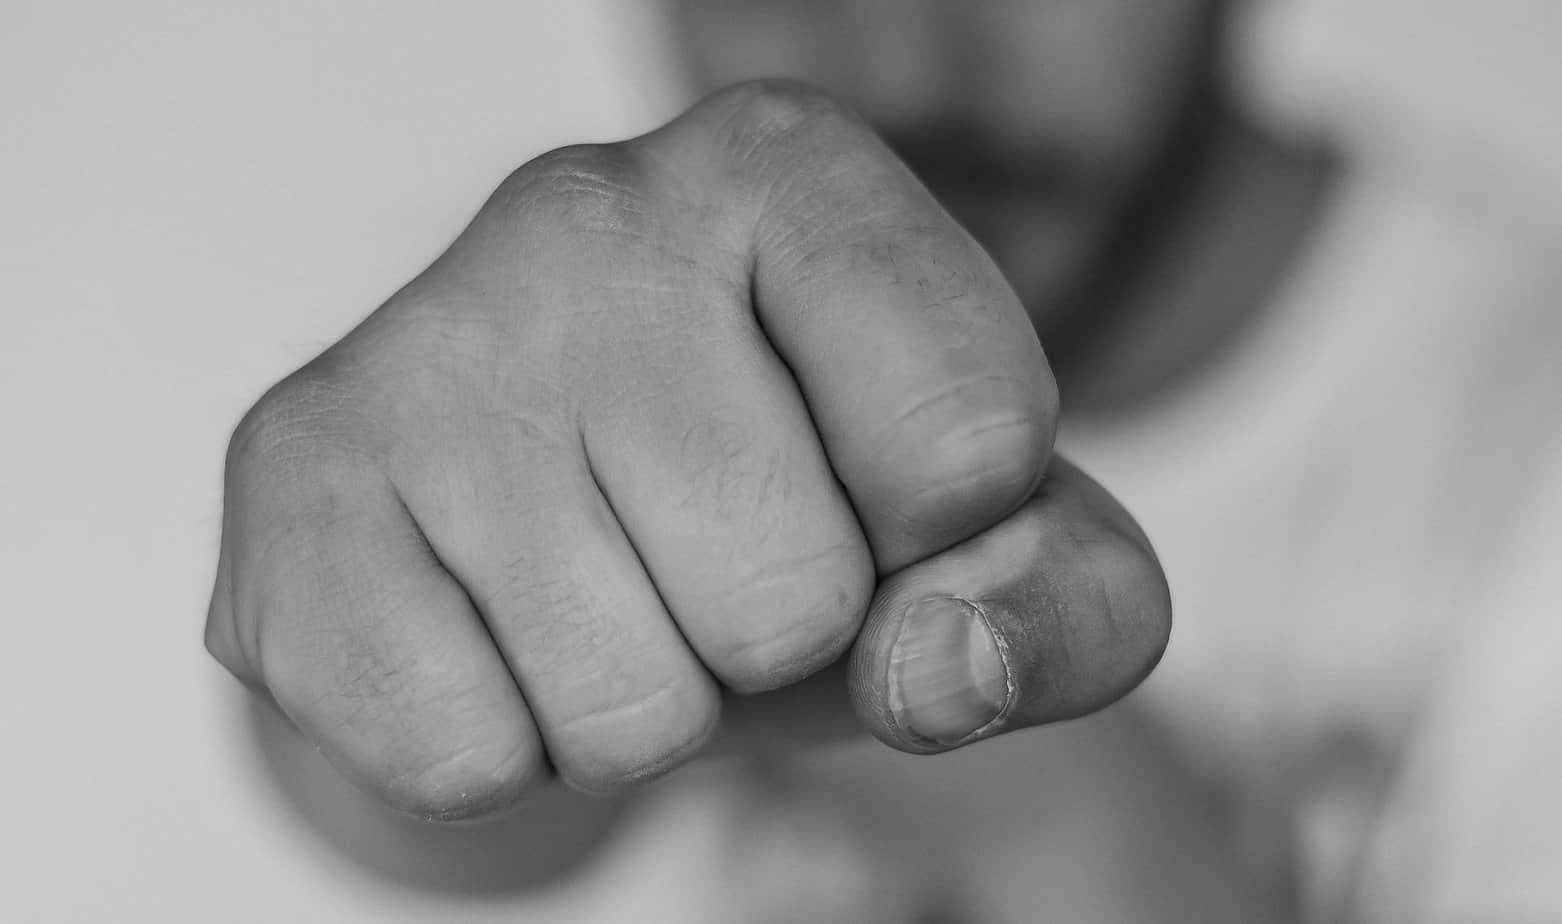 Krav Maga for Self-Defense: Is It Good?